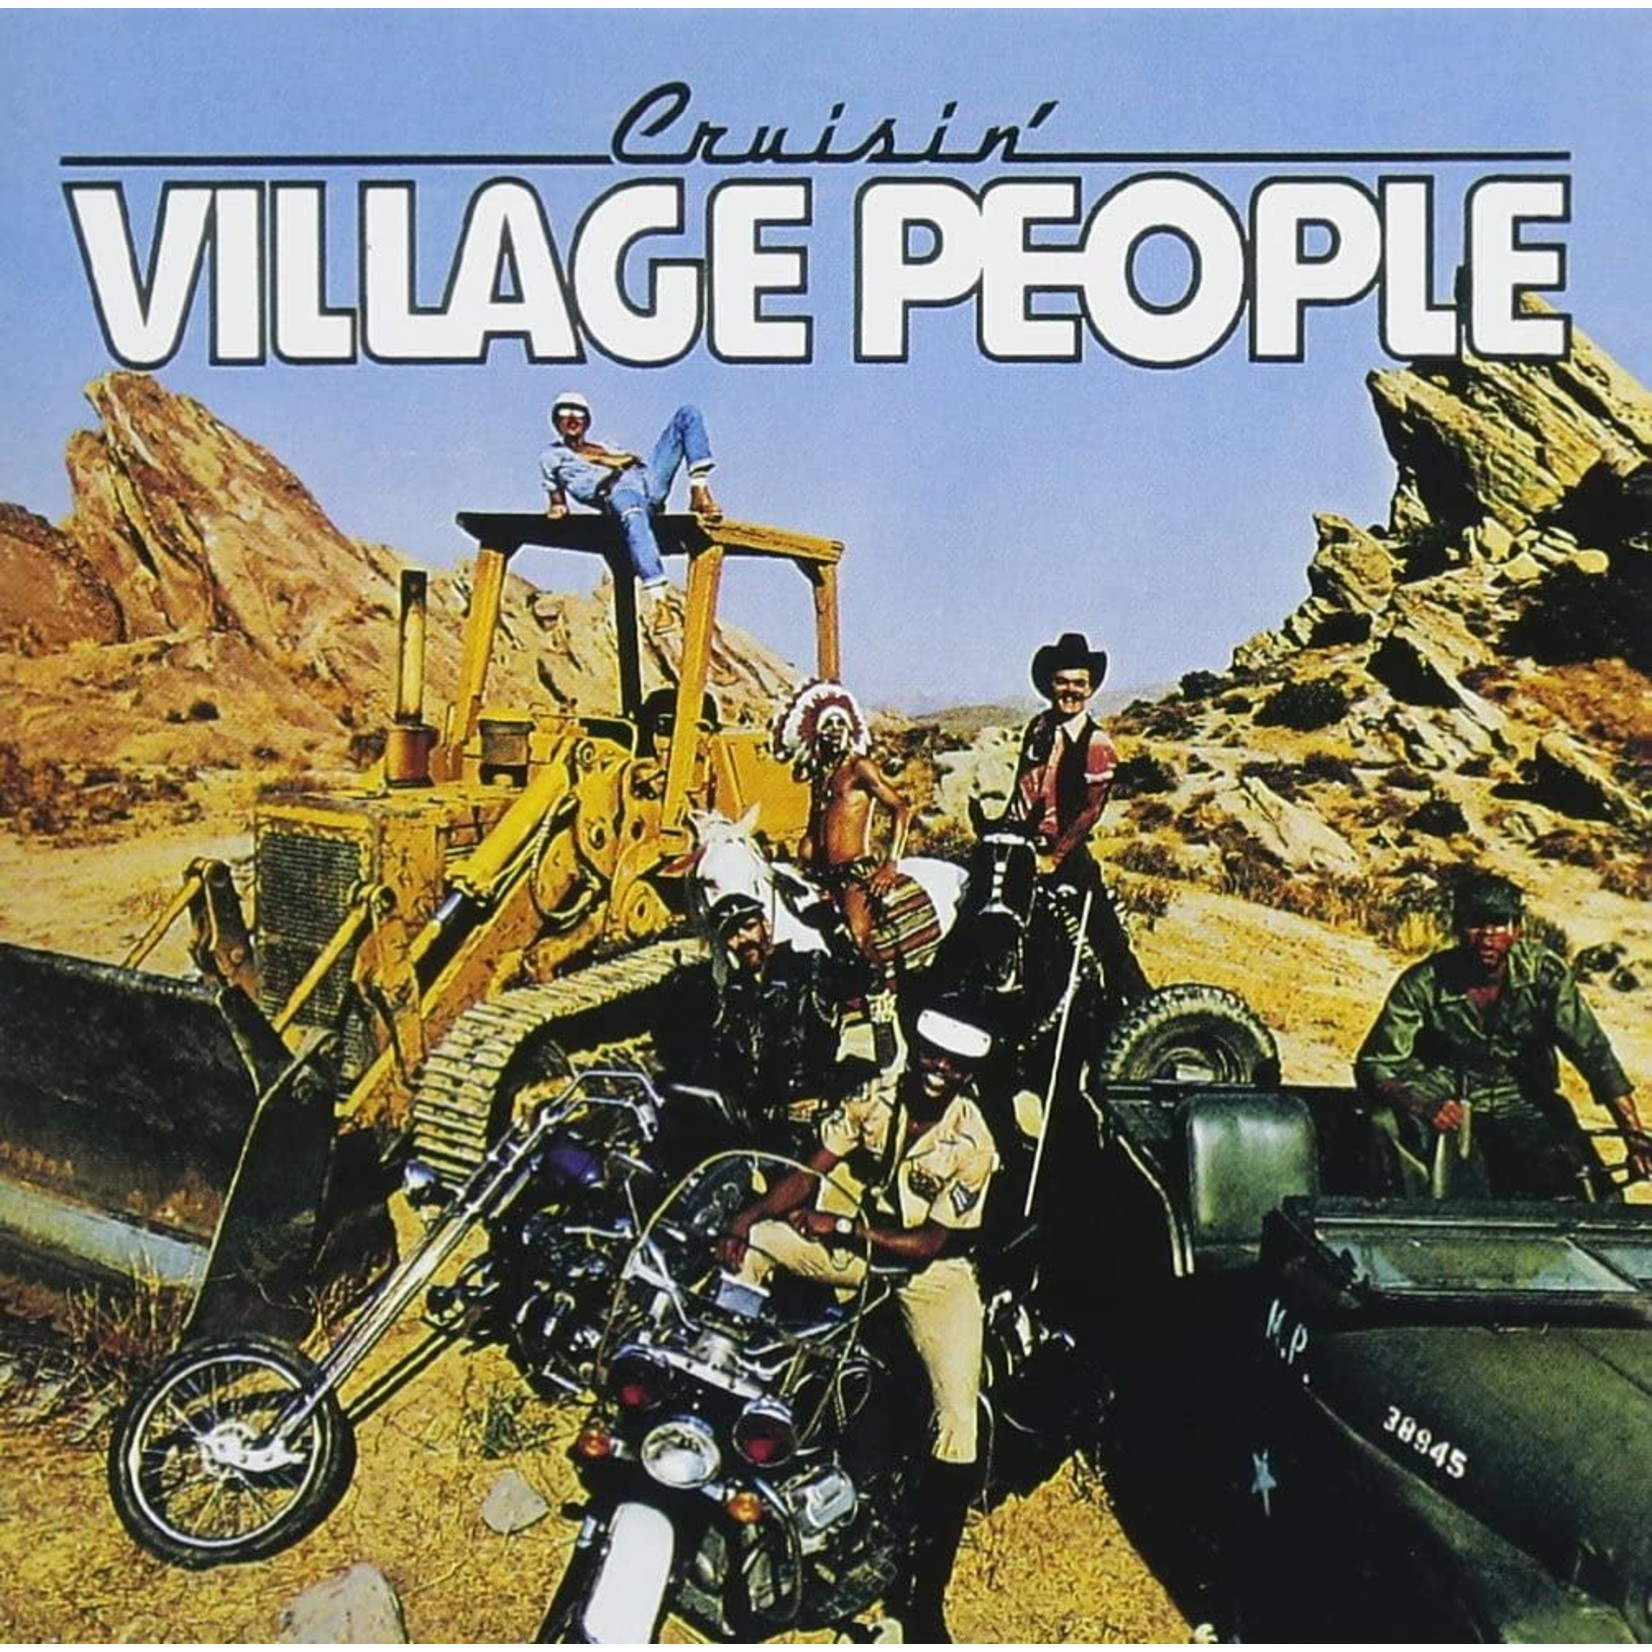 [Vintage] Village People: Cruisin